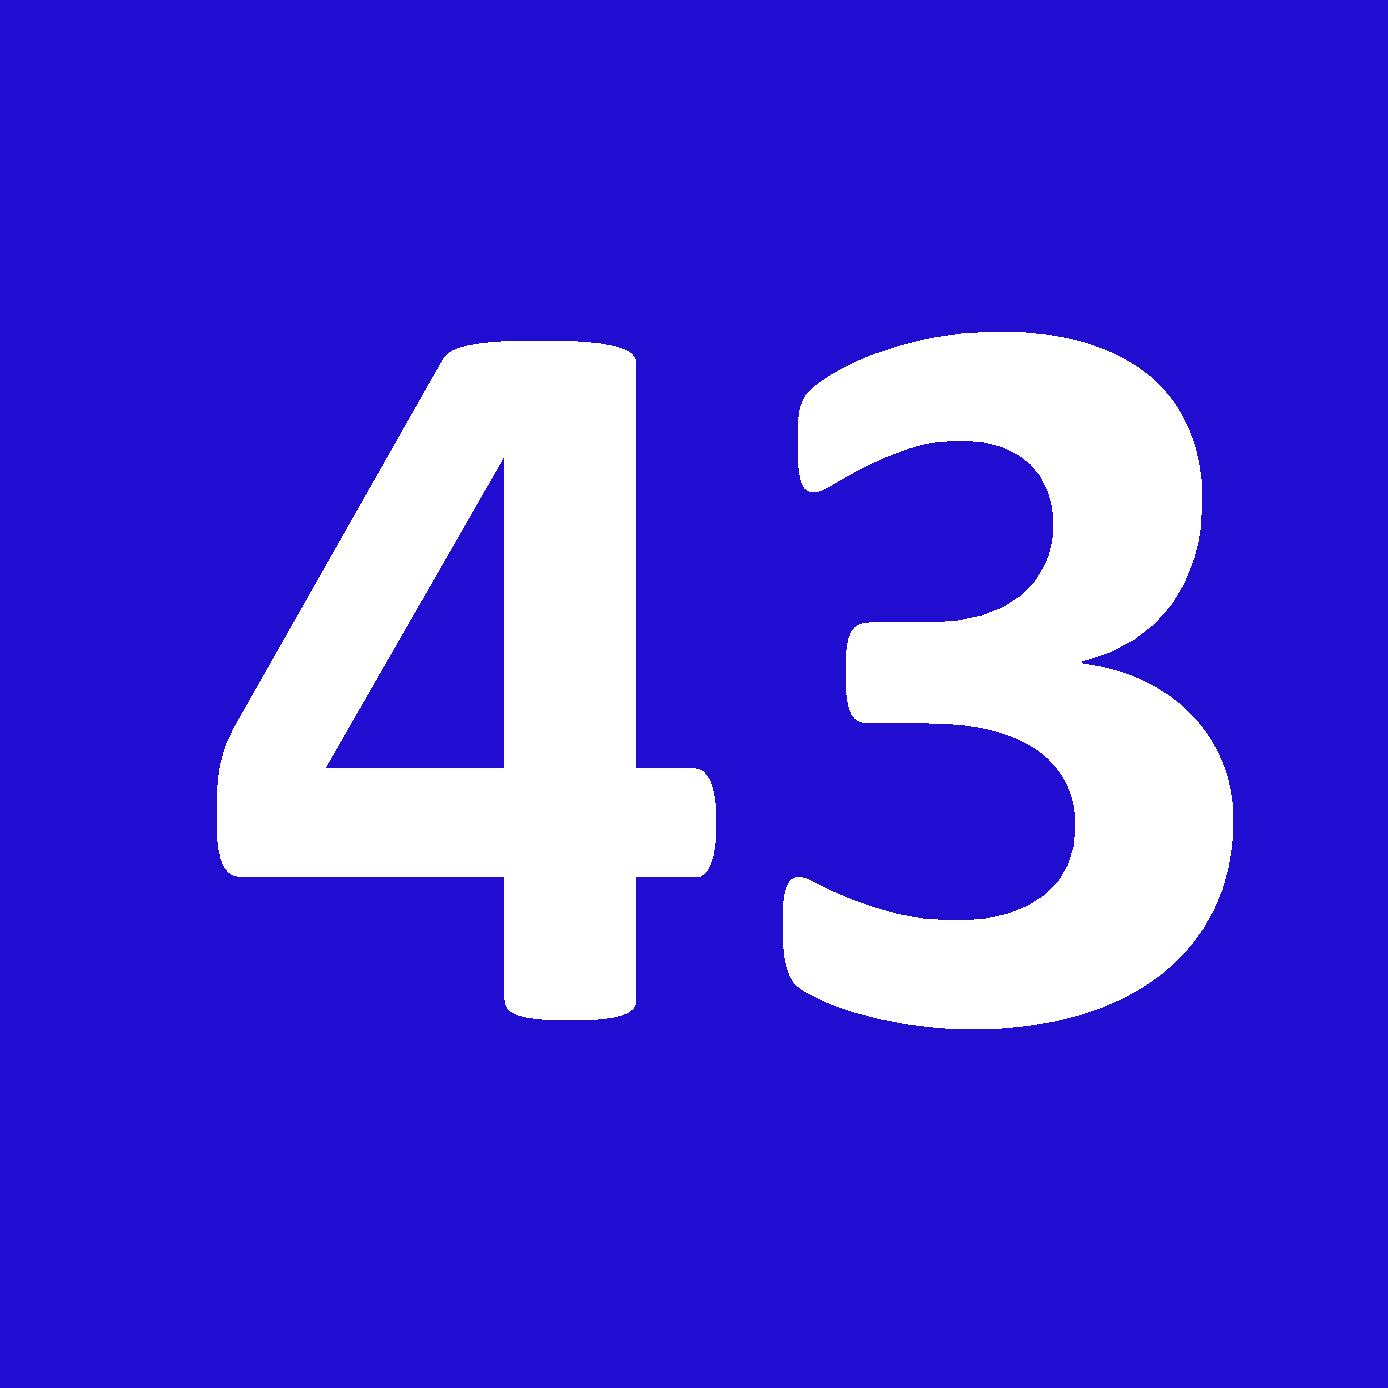 Tamanho 43